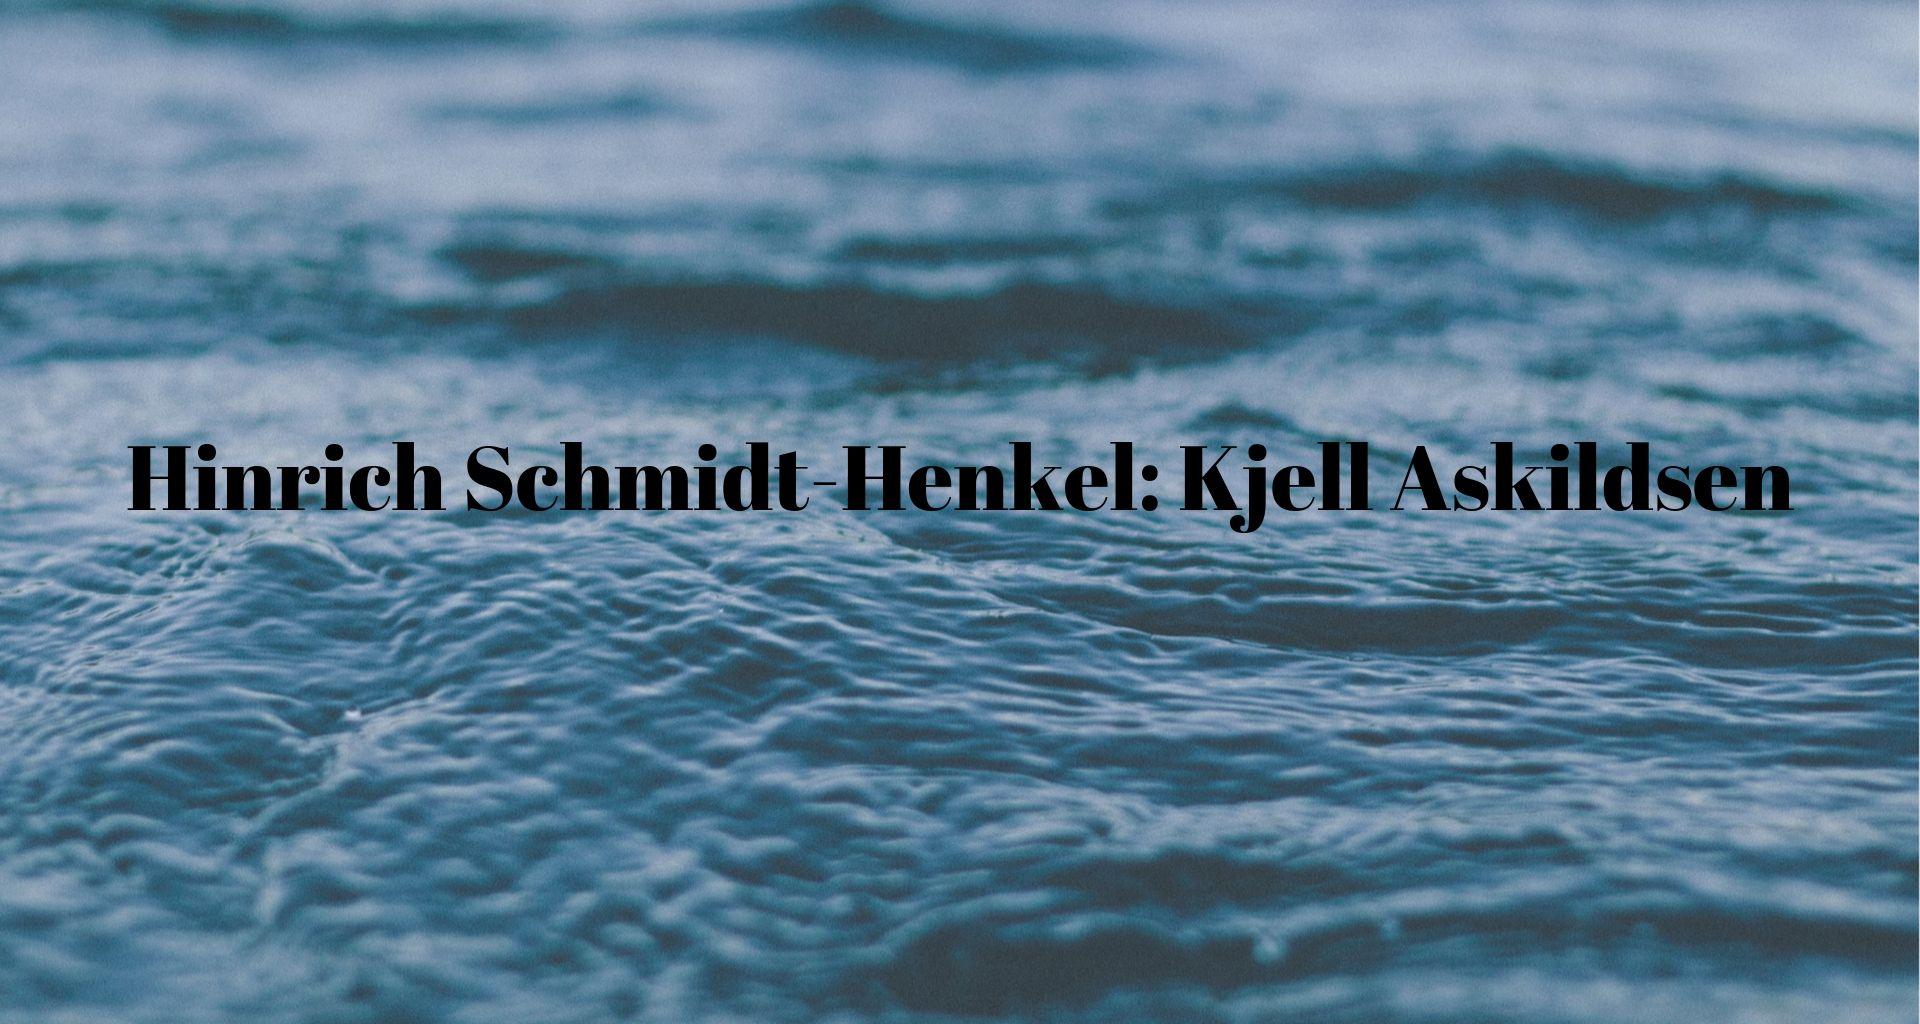 Top Event - Hinrich Schmidt-Henkel: Kjell Askildsen